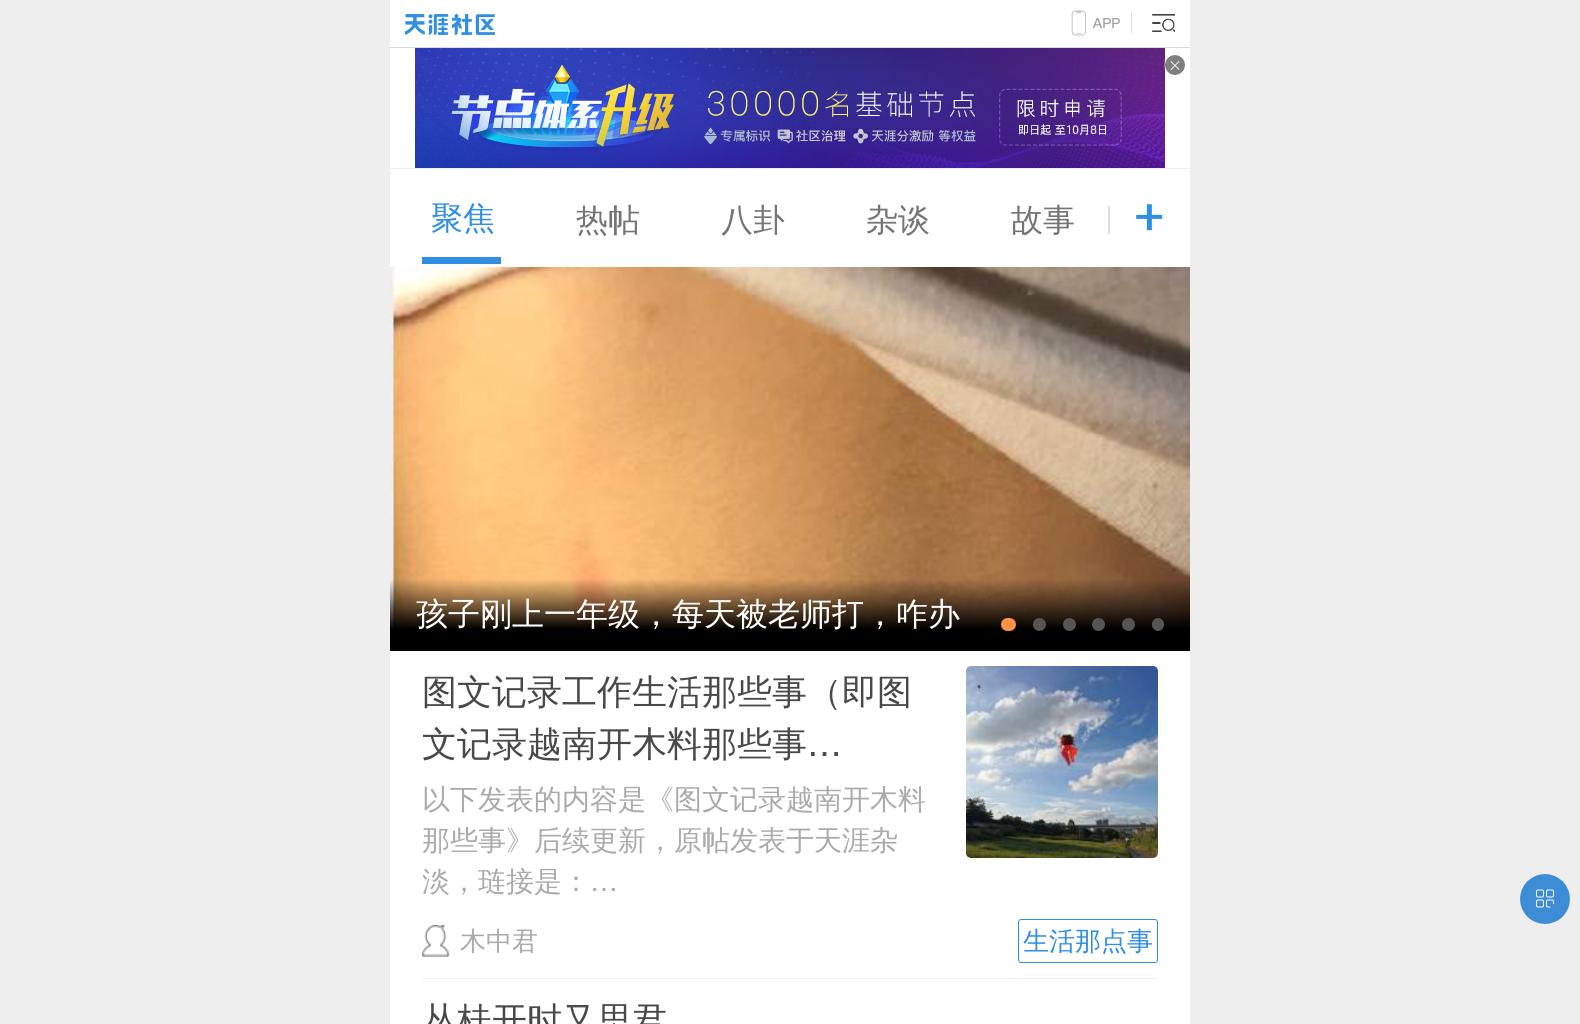 www.tianya.cn的网站截图